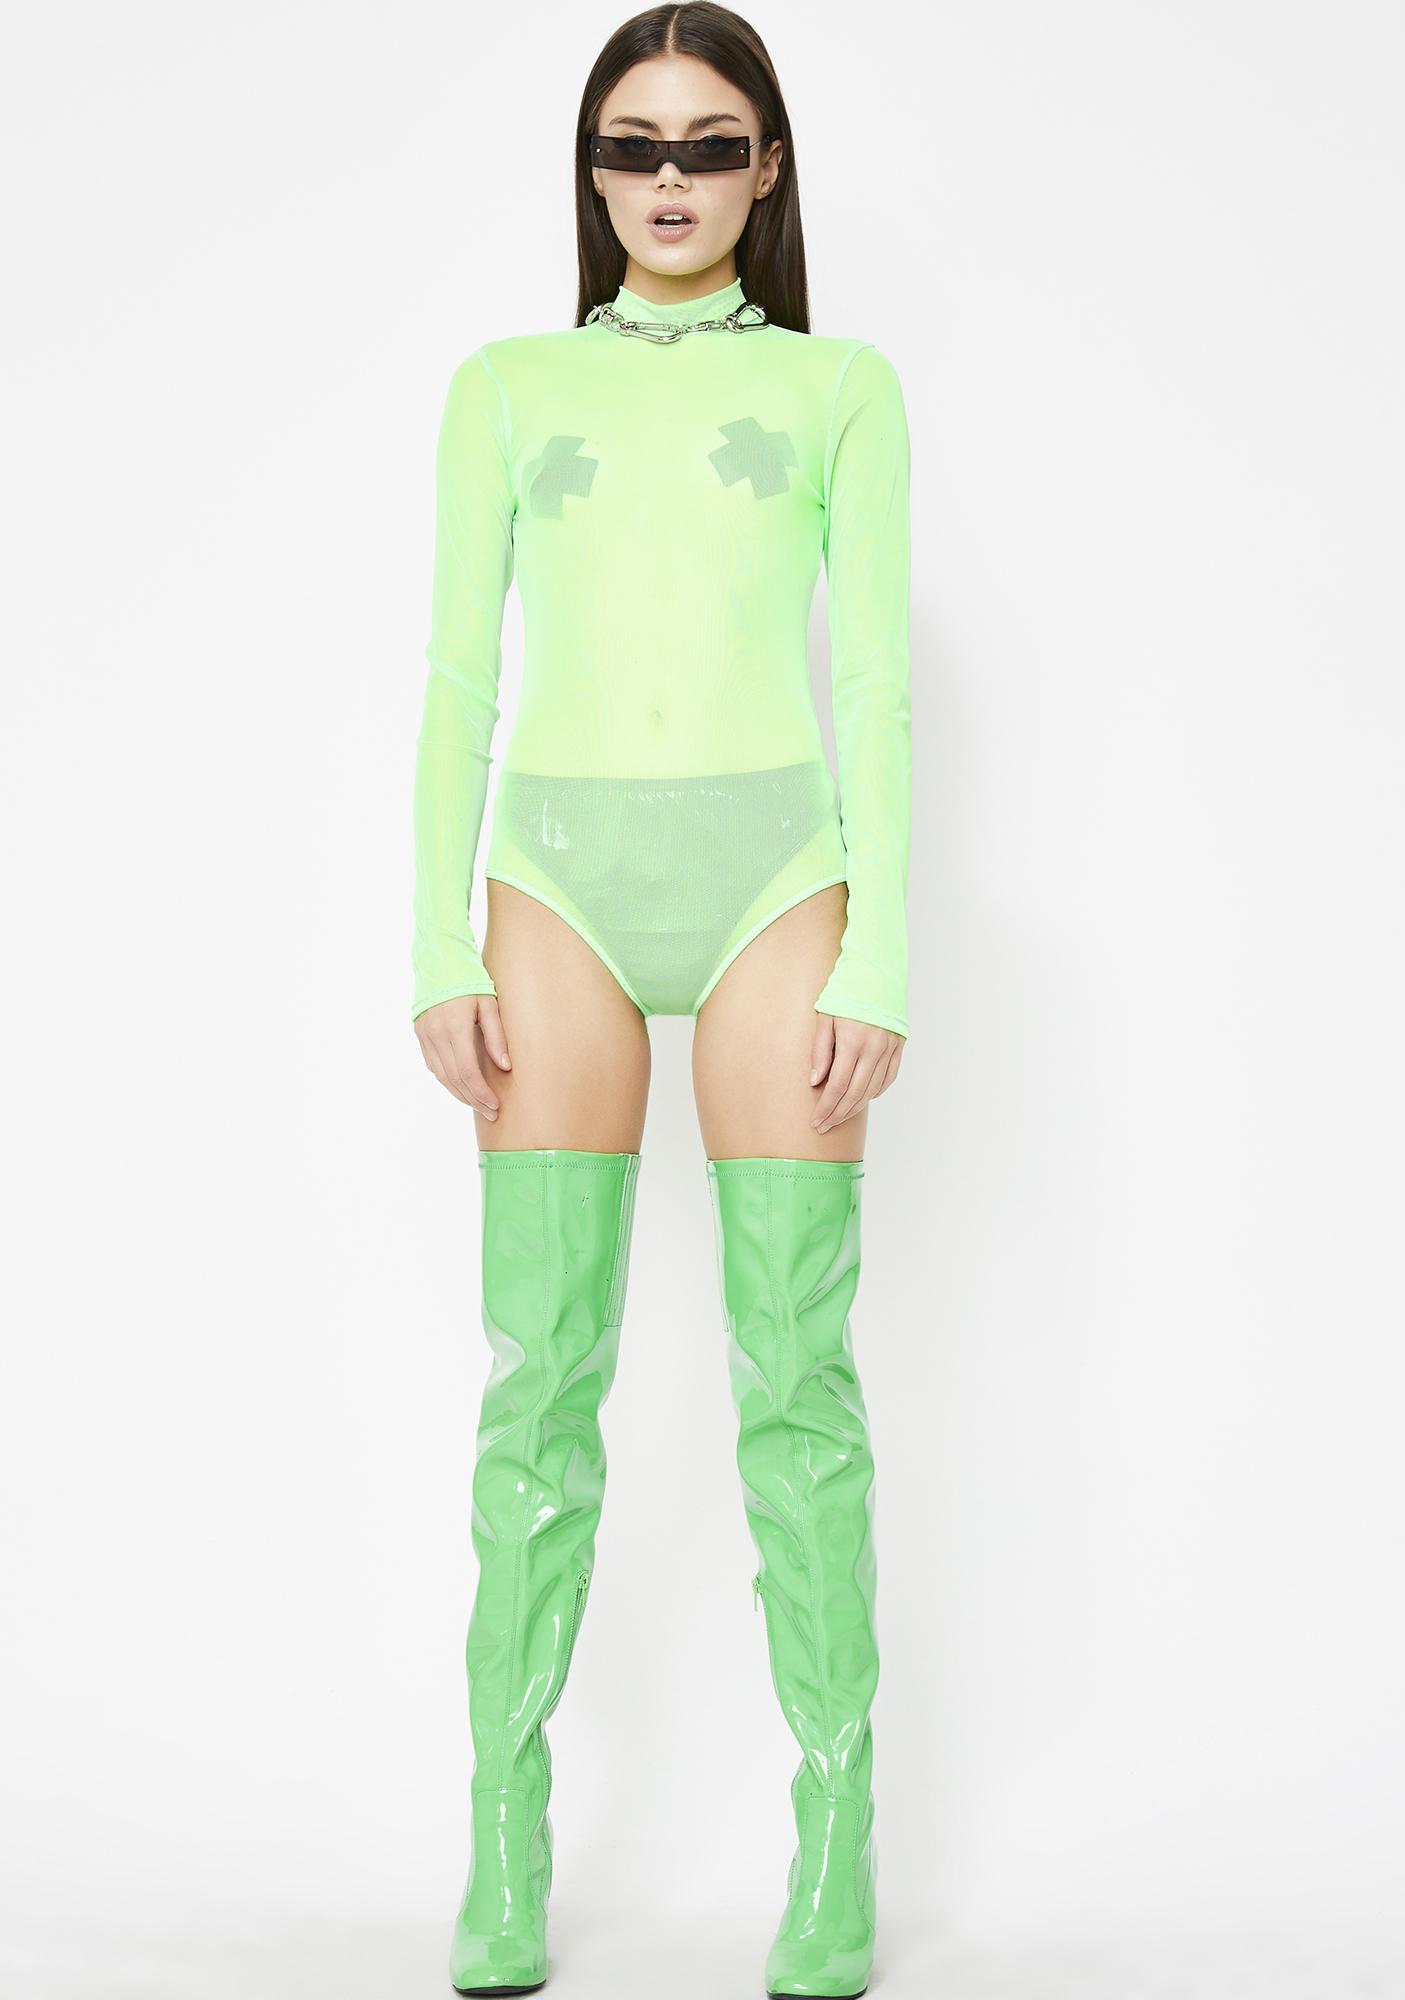 b31a668376 ... Slime Party Season Mesh Bodysuit ...